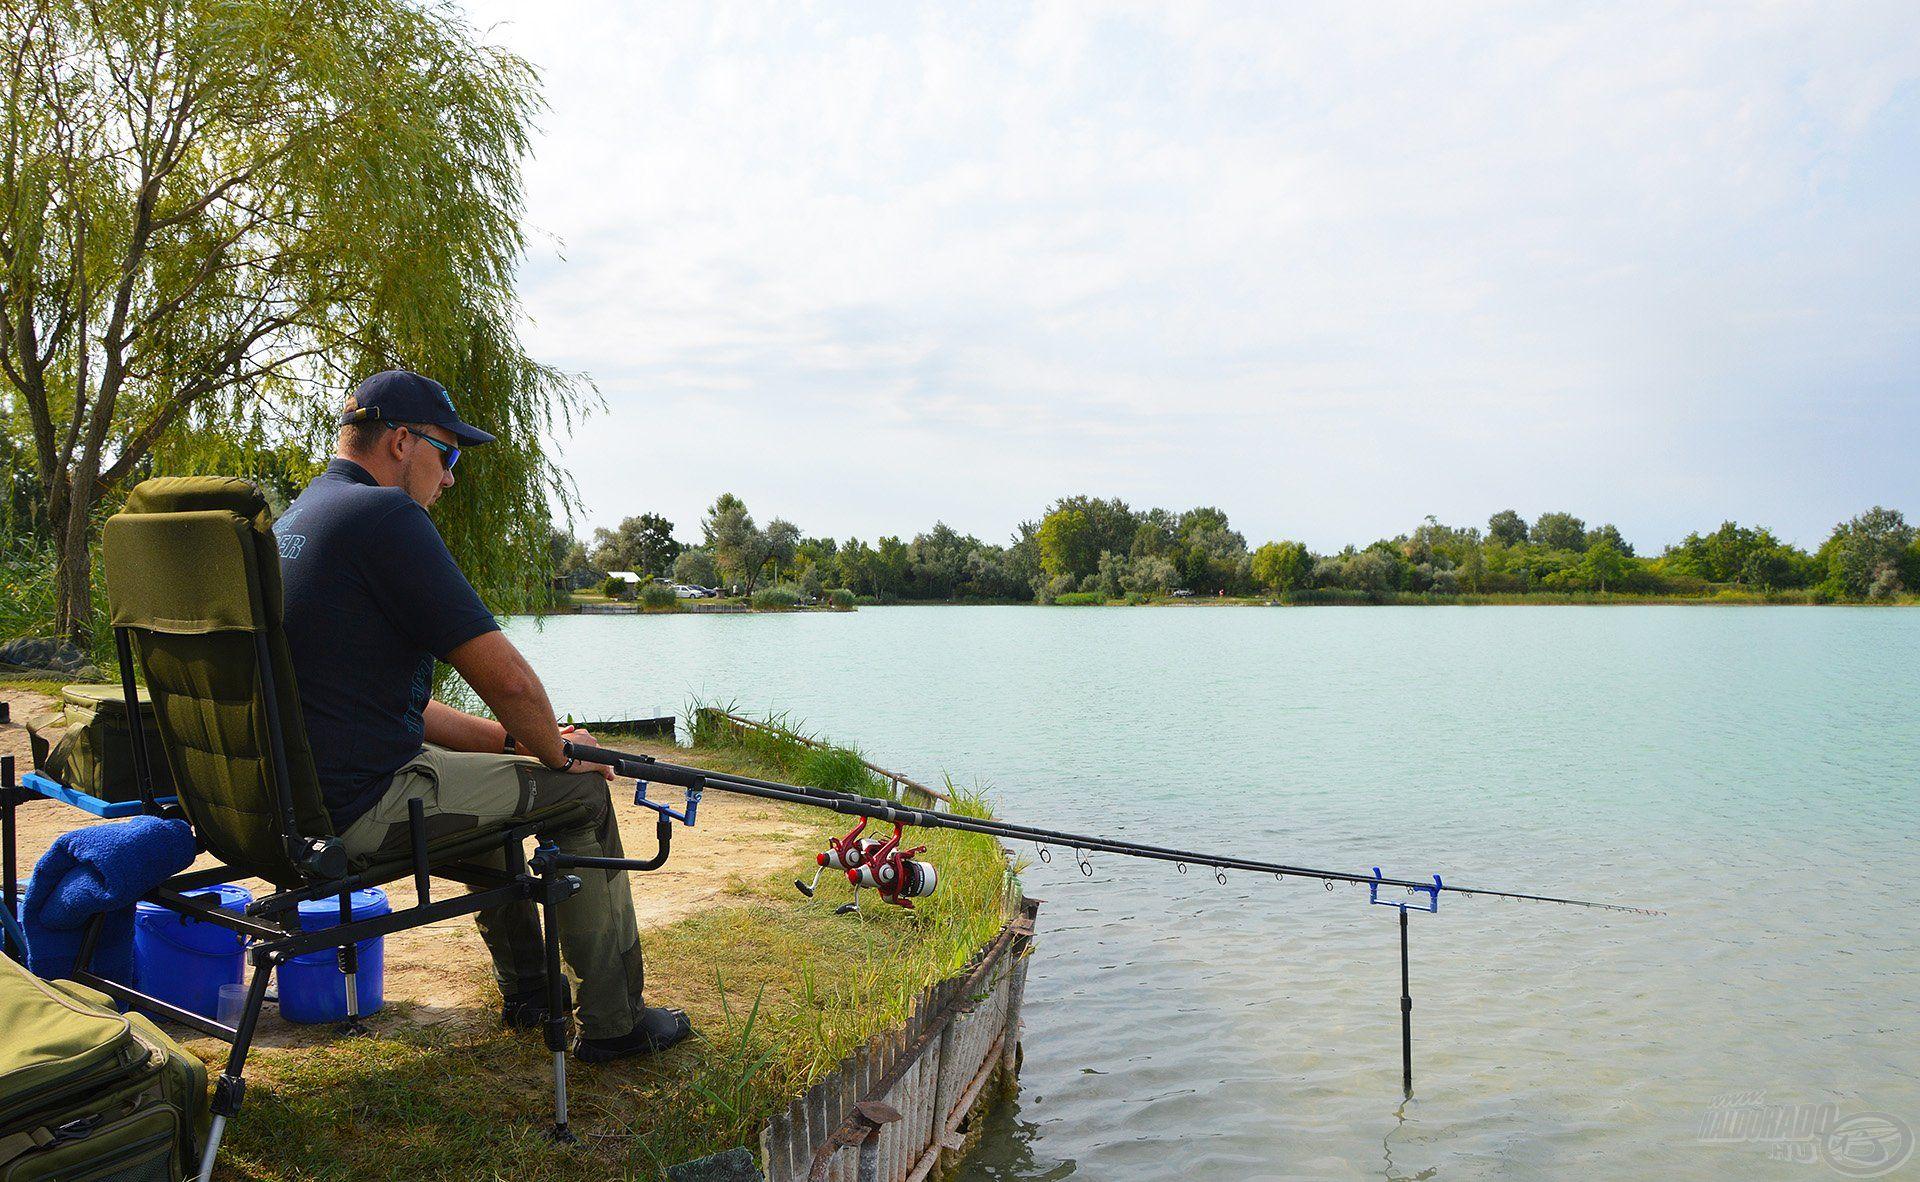 Ilyen élmények után már csak jó lehet ez a horgászat, de vajon mit tartogat még?